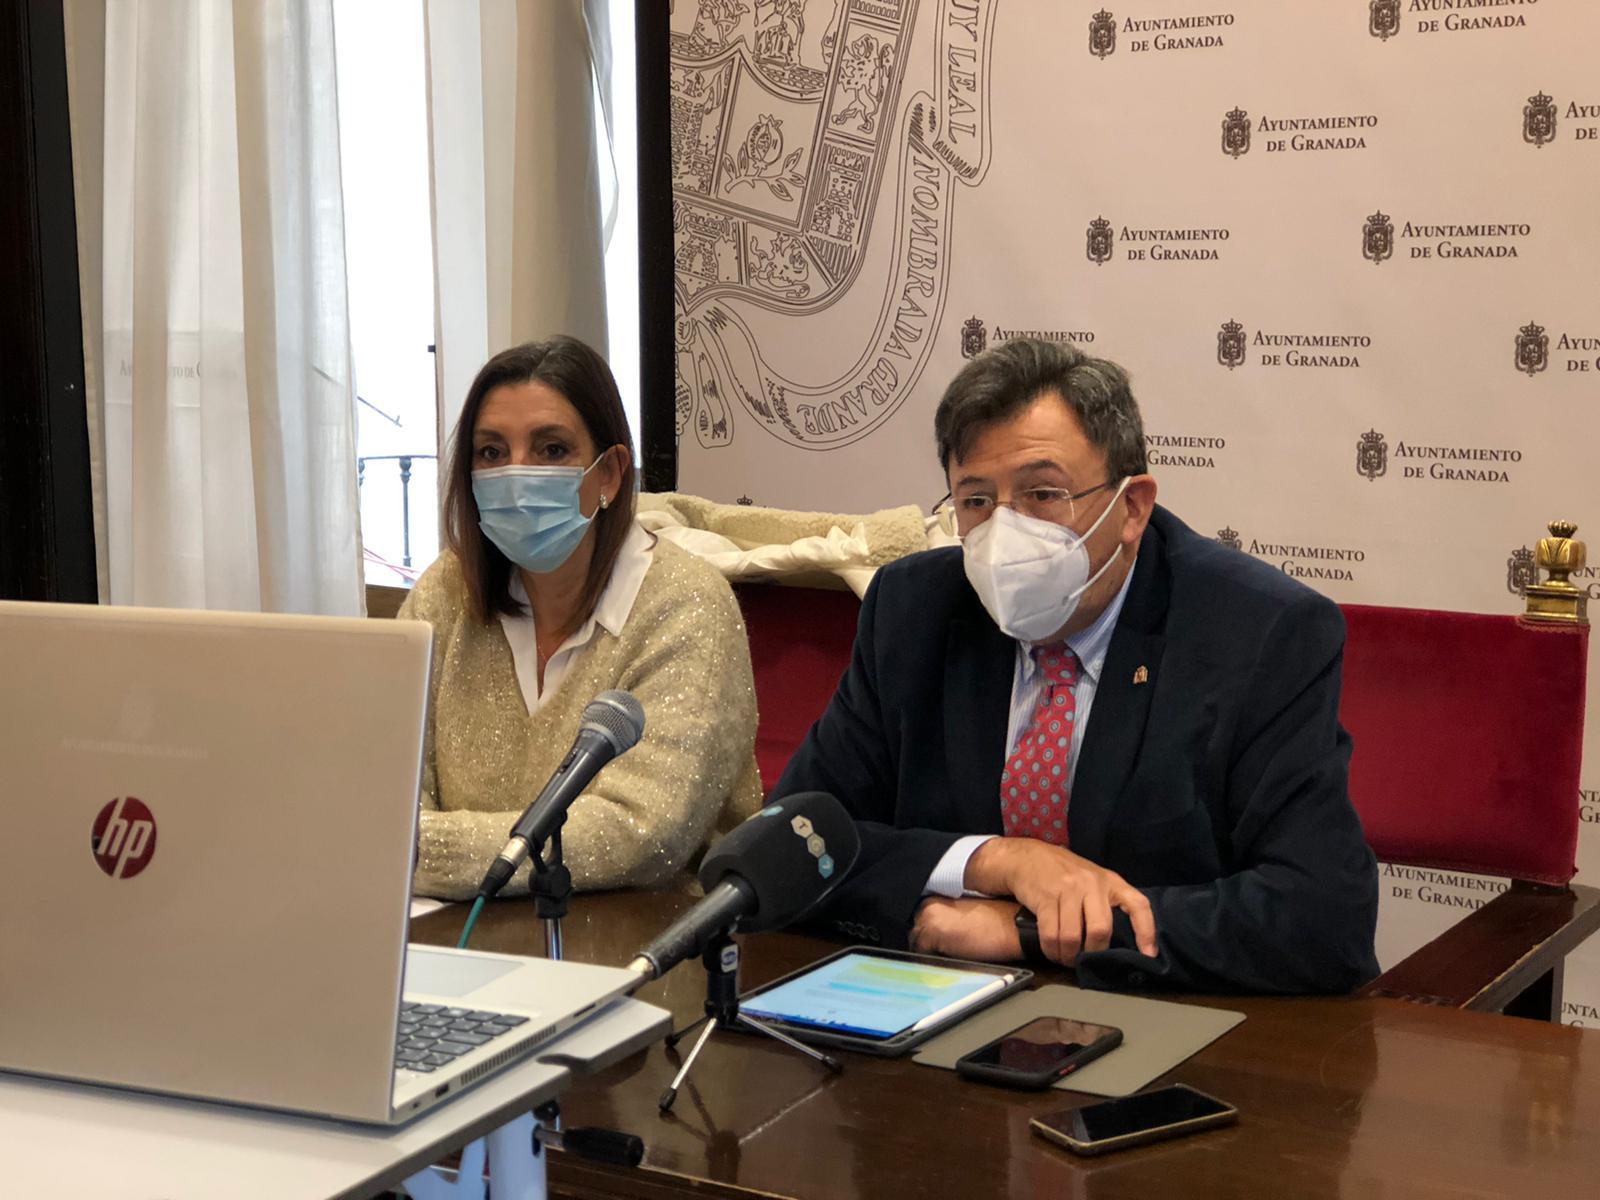 El Ayuntamiento ha realizado un millar de desinfecciones relacionadas con la Covid-19